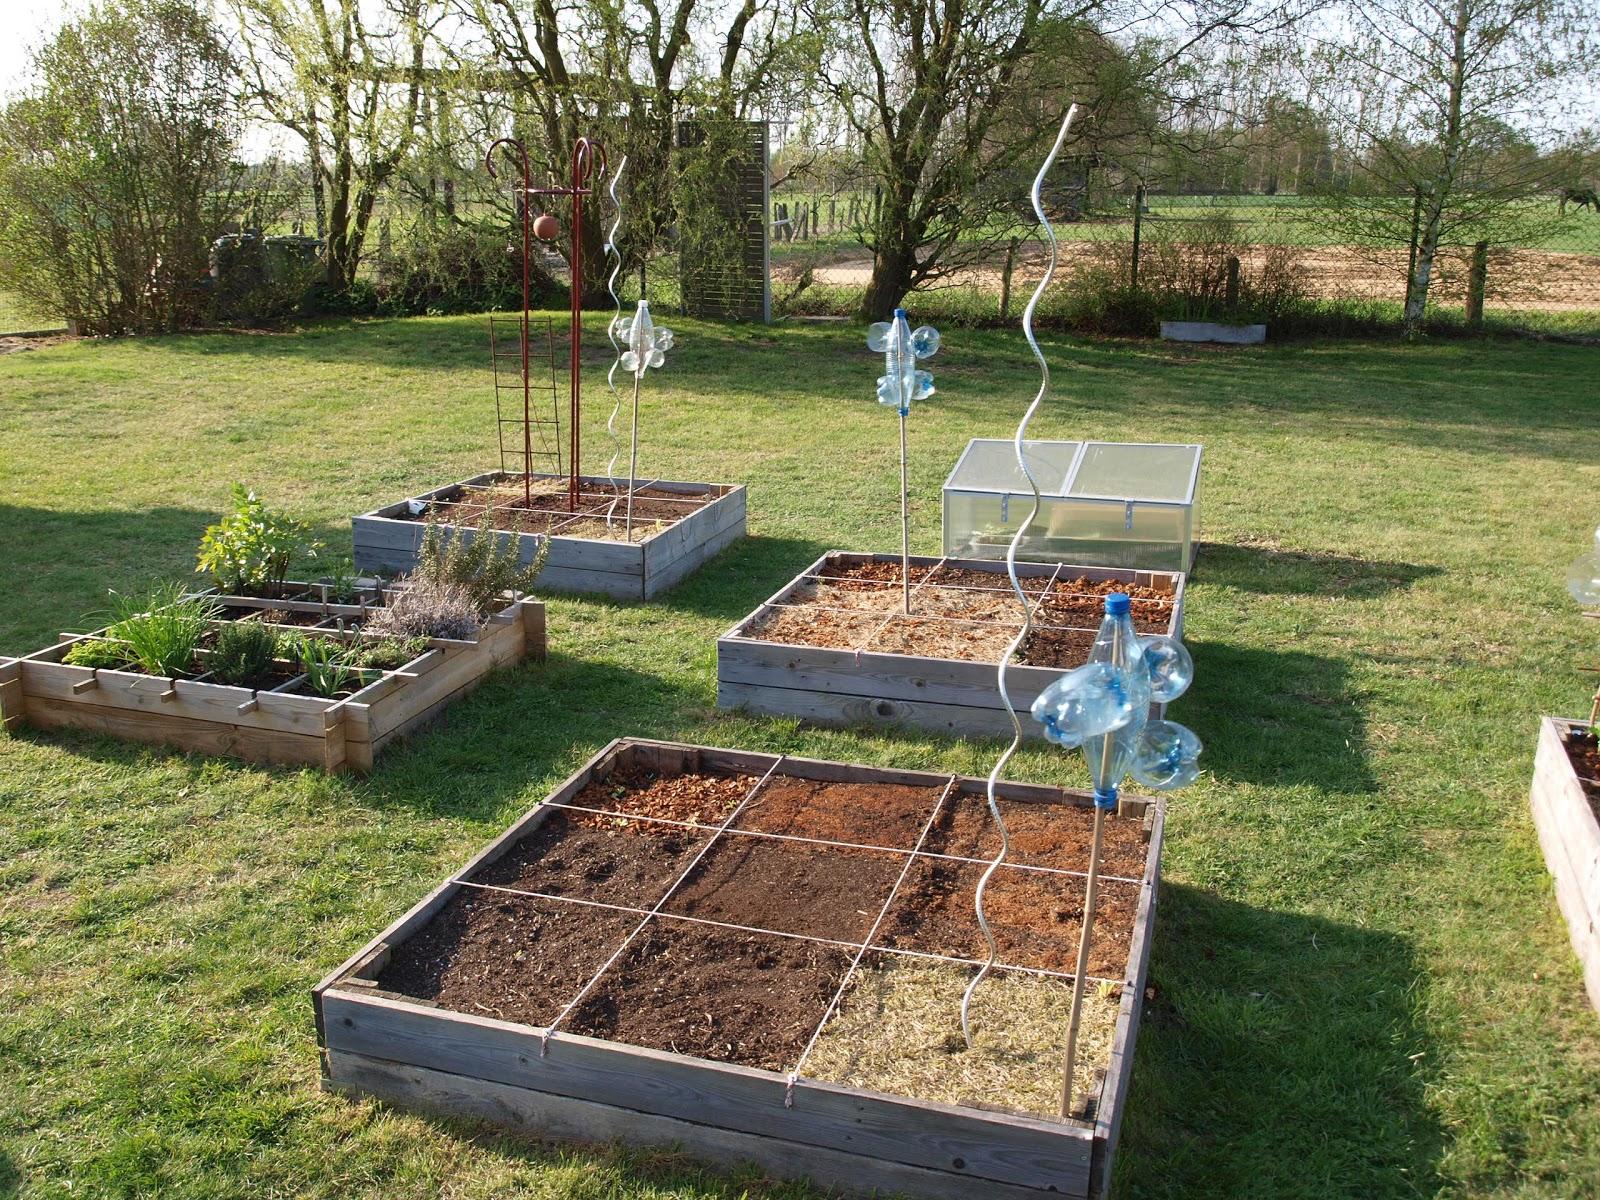 Vierkante Meter Tuin : Overdekte vierkante meter tuin moestuin forum voor en door